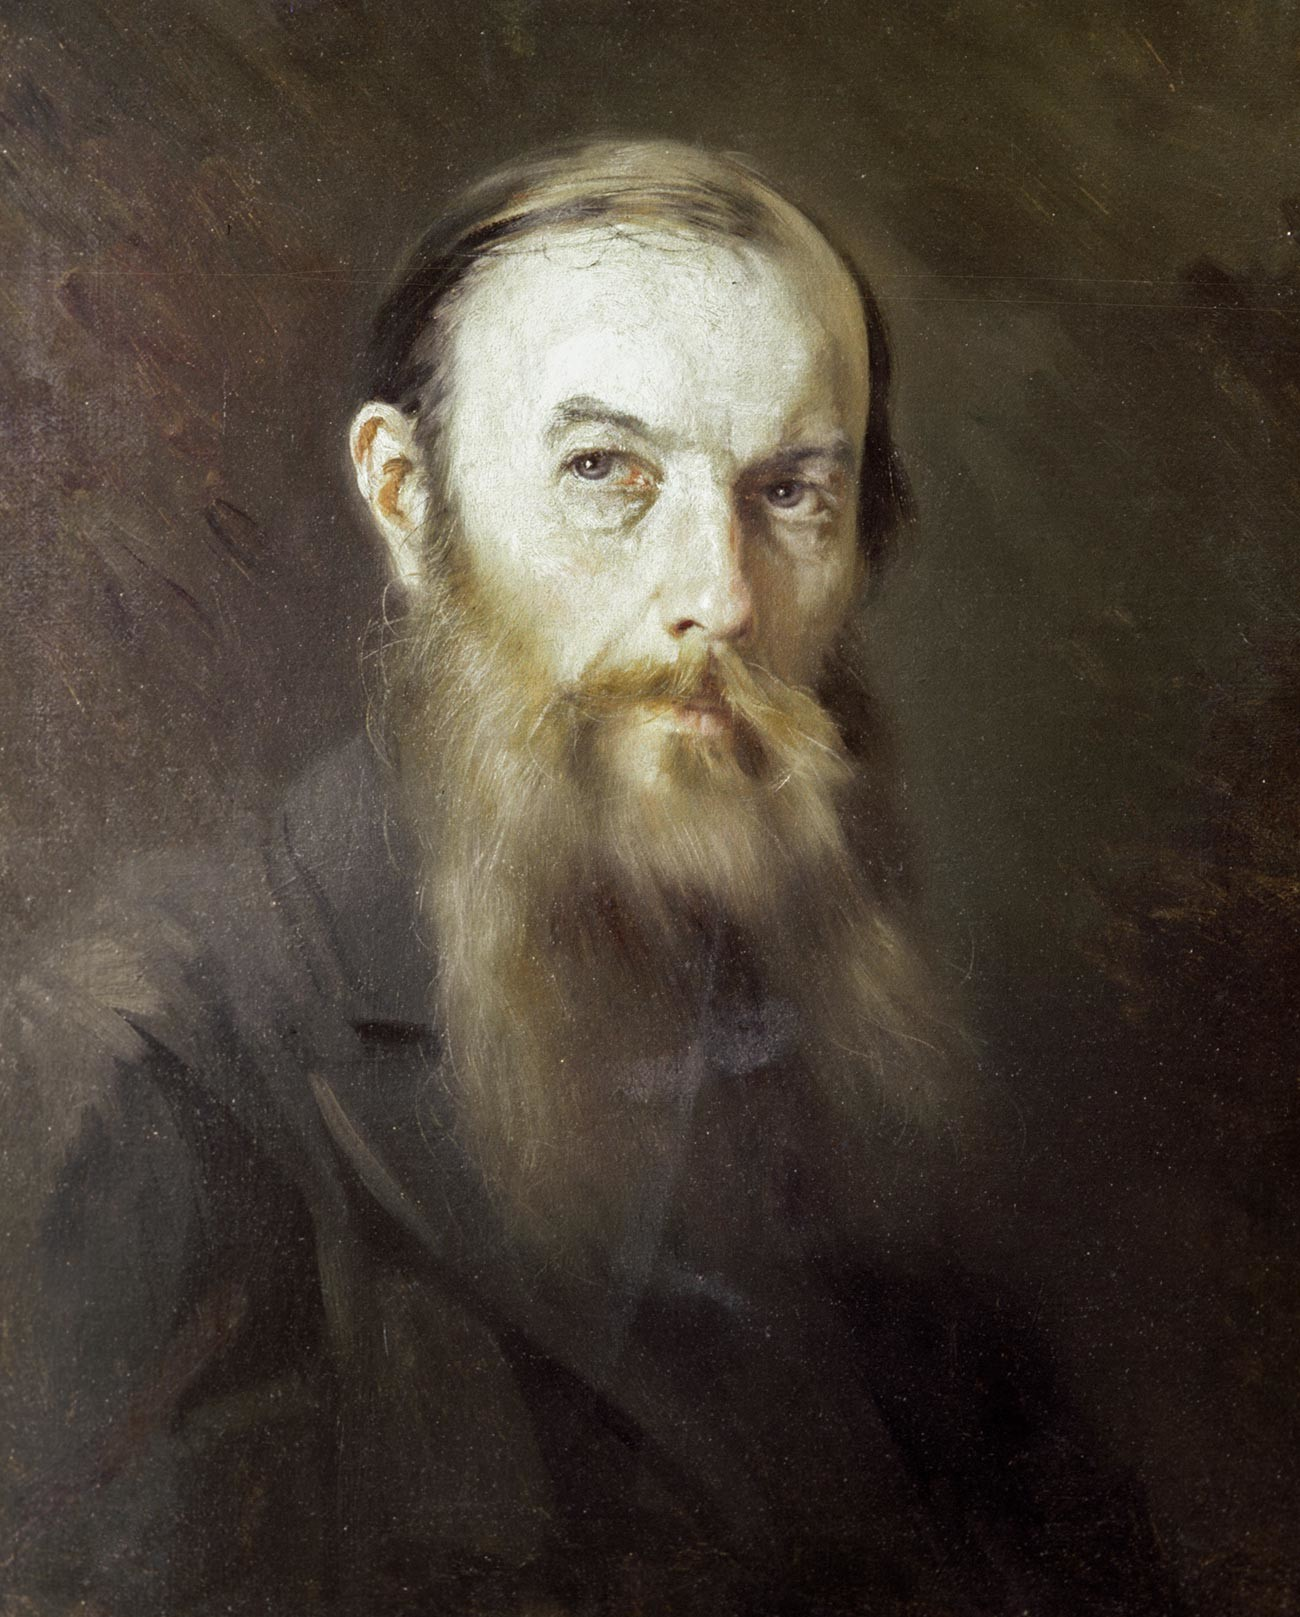 Retrato de Fiódor Dostoiévski por M. Scherbatov.